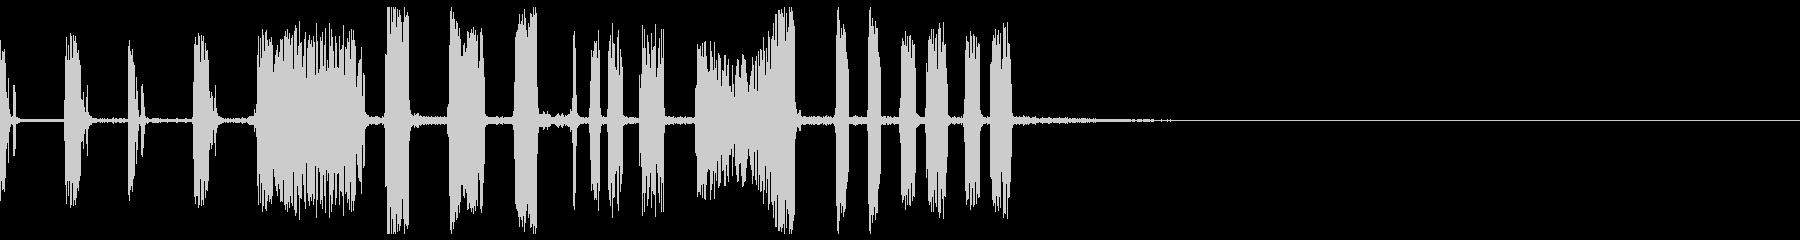 速めなスクラッチ音の未再生の波形